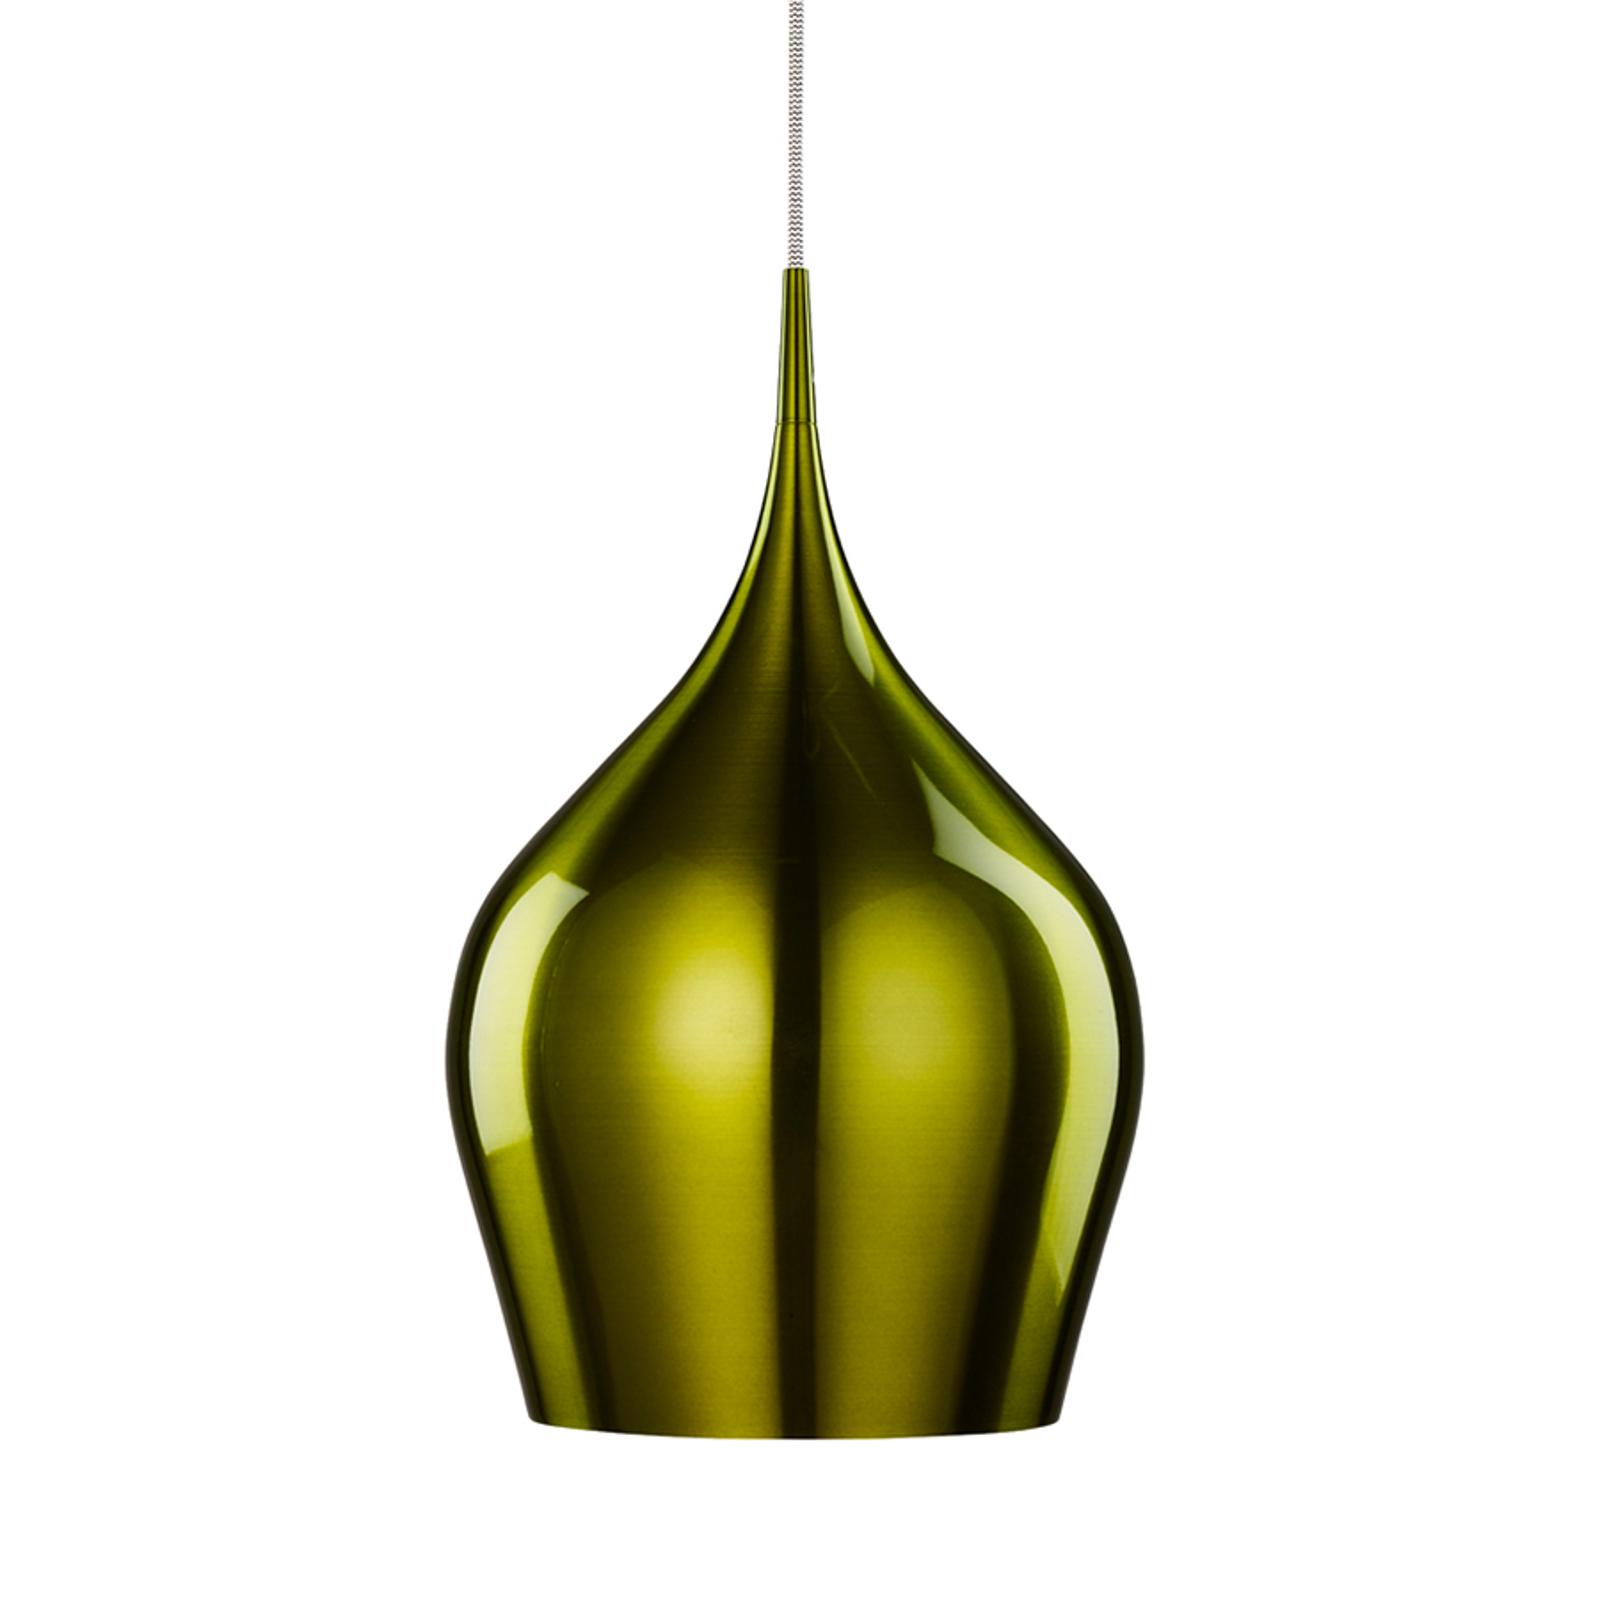 Hængelampe Vibrant i flot grøn